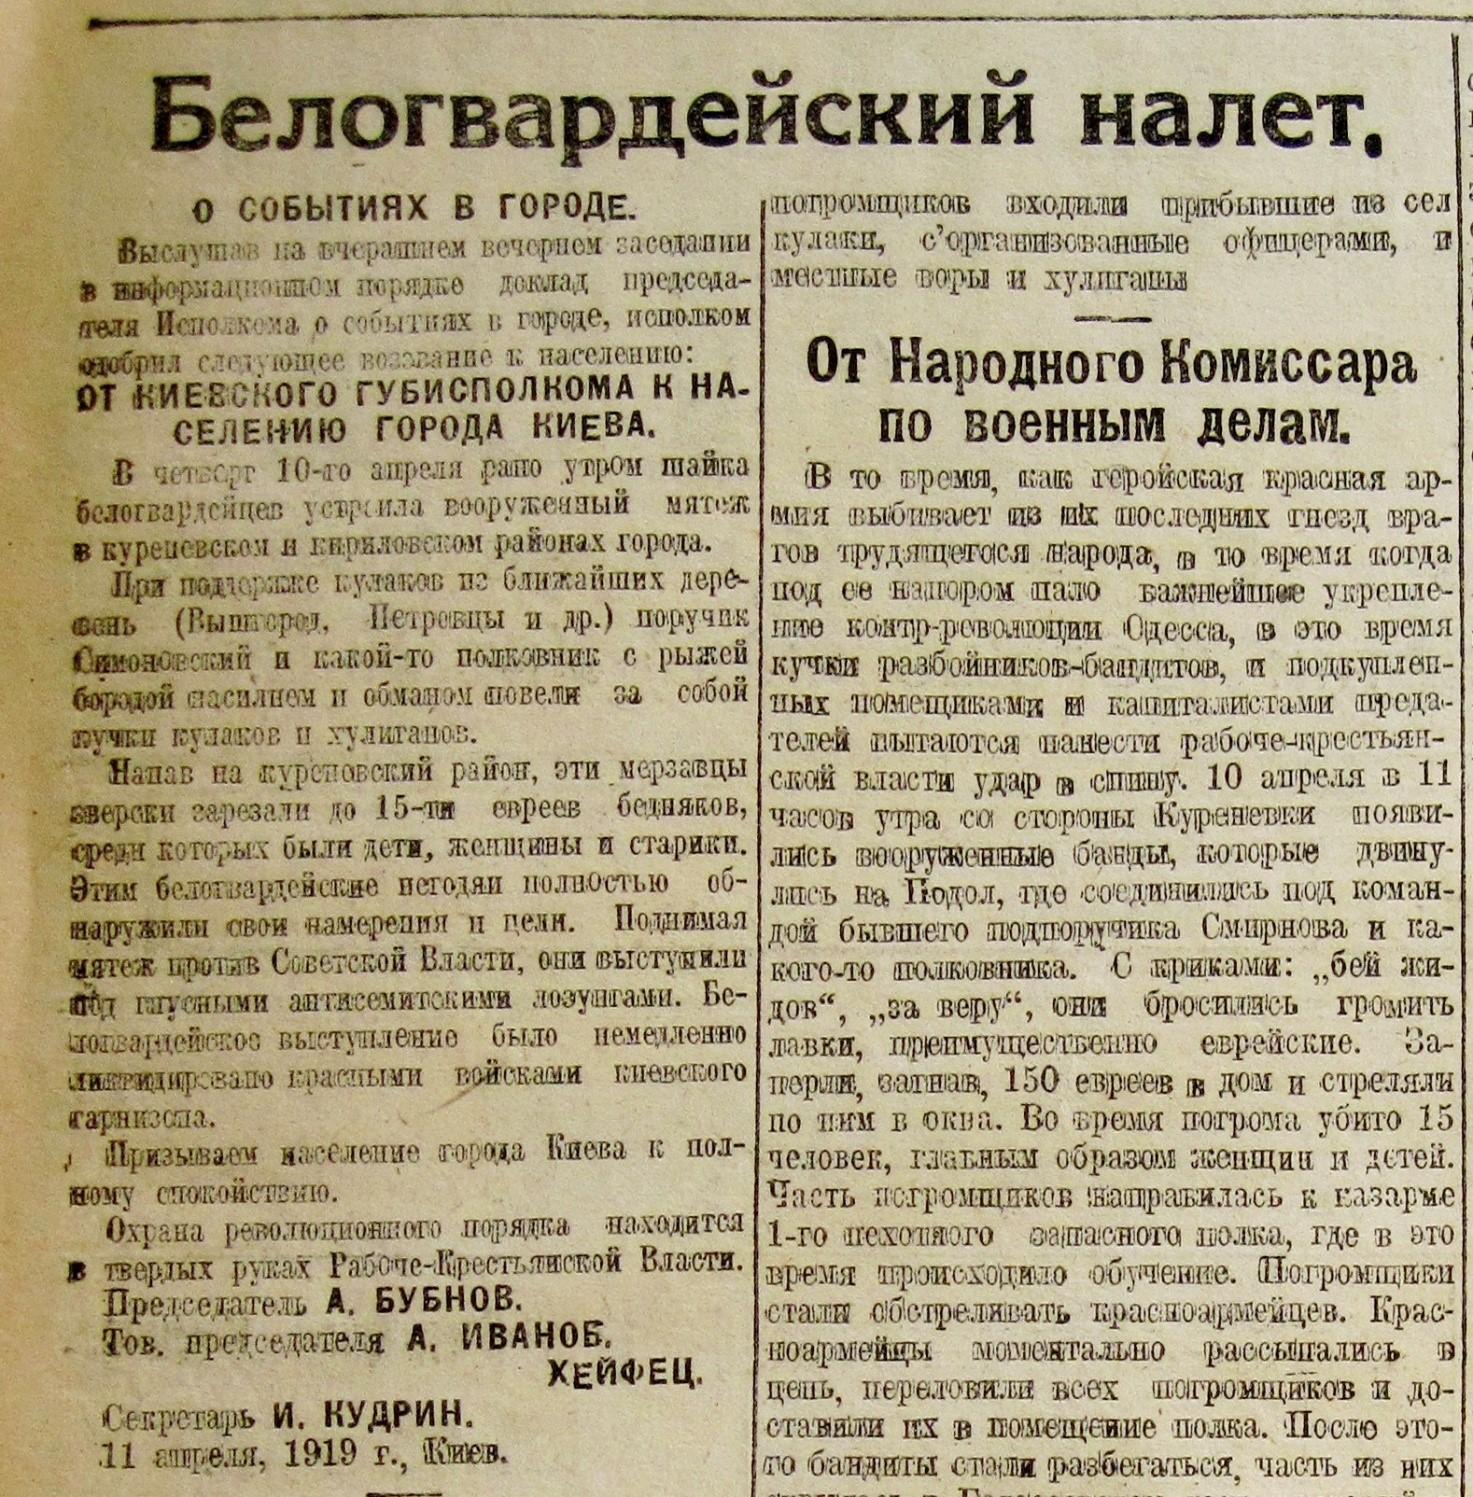 """""""Коммунист"""" (Київ), 11 квітня 1919-го"""